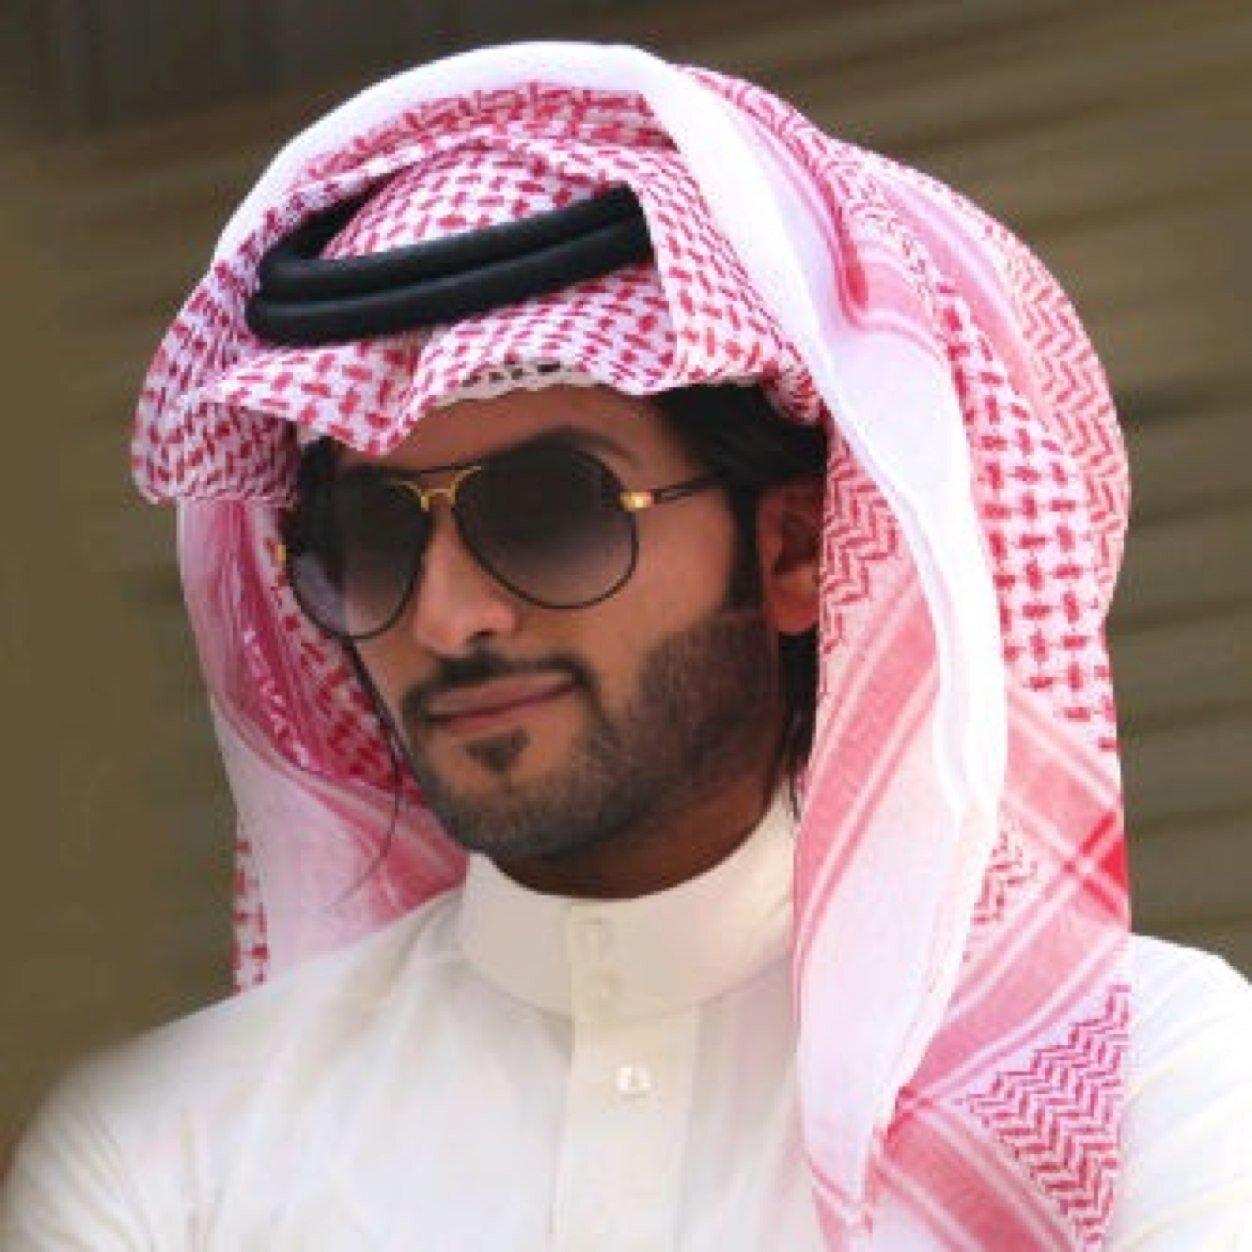 صورة شباب الخليج الحلوين , رمزيات شباب وسيم